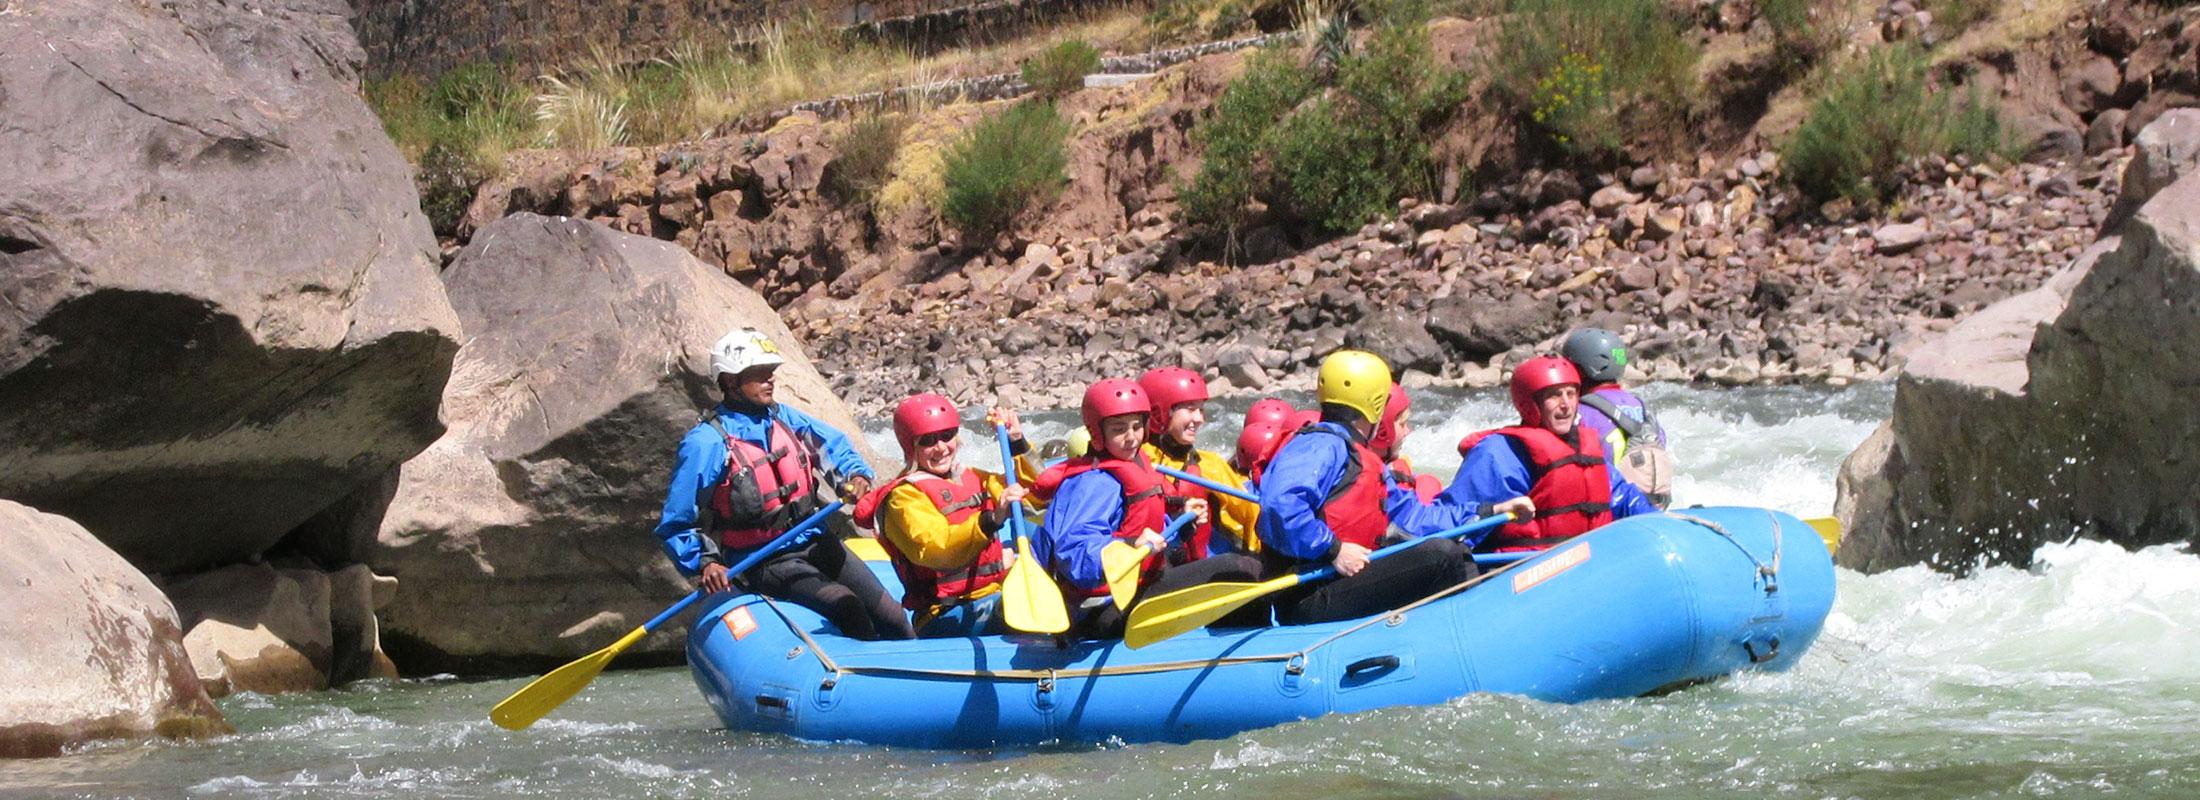 cusco peru rafting (2)